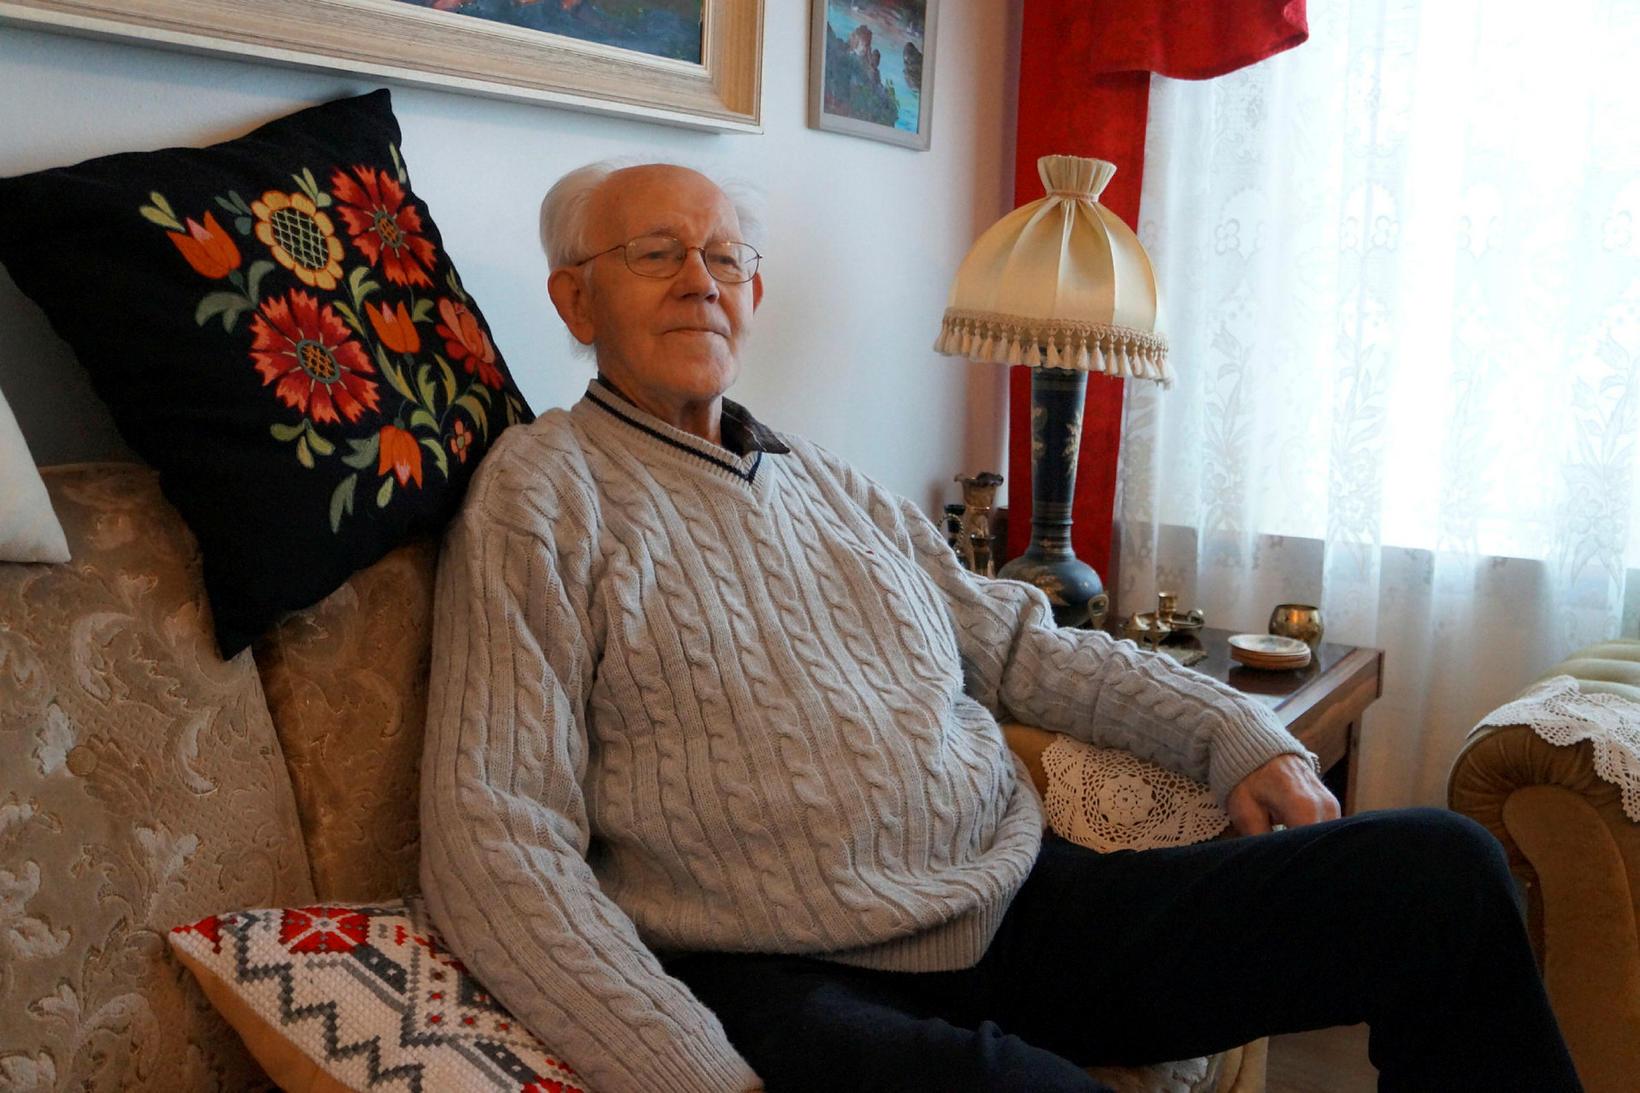 Pálmi Jónsson fékk ekkert að hvíla sig á meðan á …